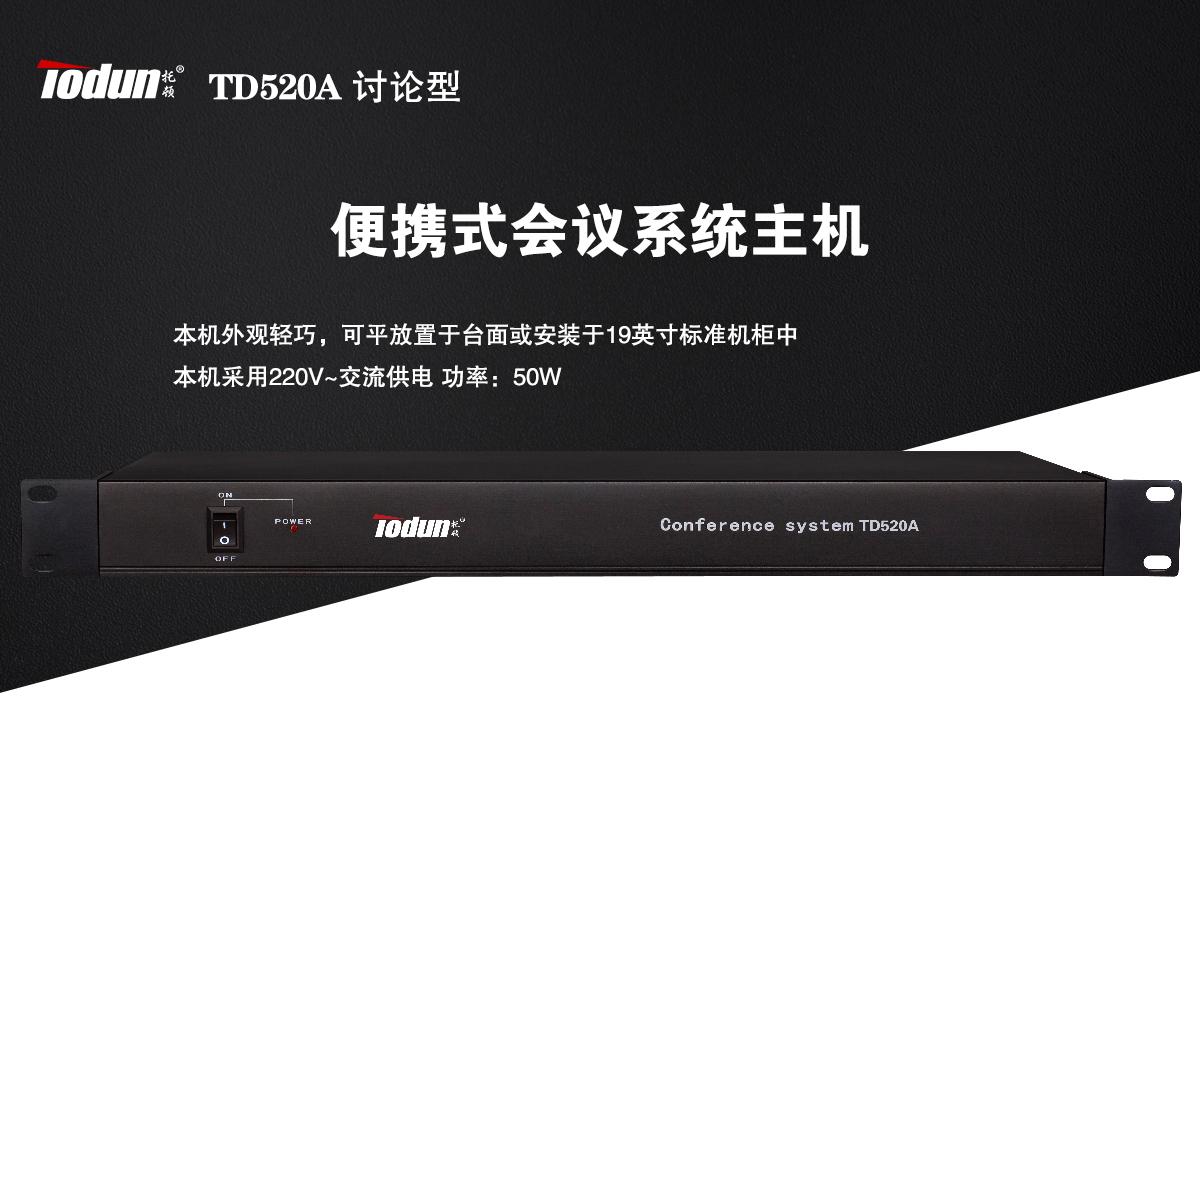 纯讨论会议系统功能TD520A 便捷移动式会议系统设备音响工程产品